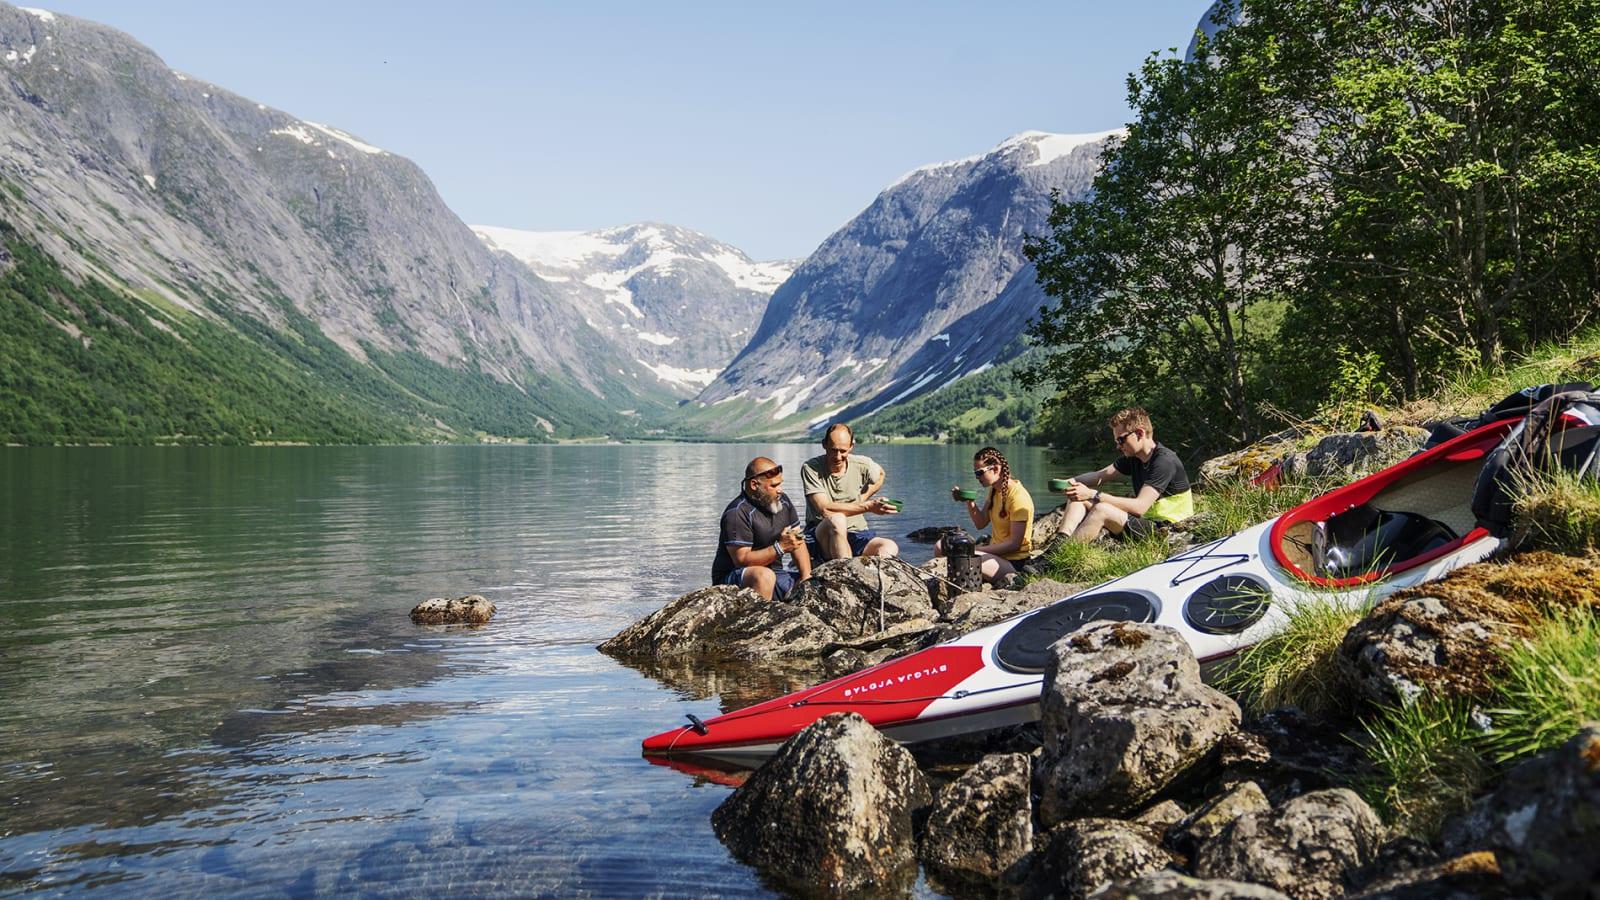 JØLSTER: Kjøsnesfjorden er ut som en plass vel verdt å besøke. Spesielt for padlere. Bilde: Magnus Roaldset Furset